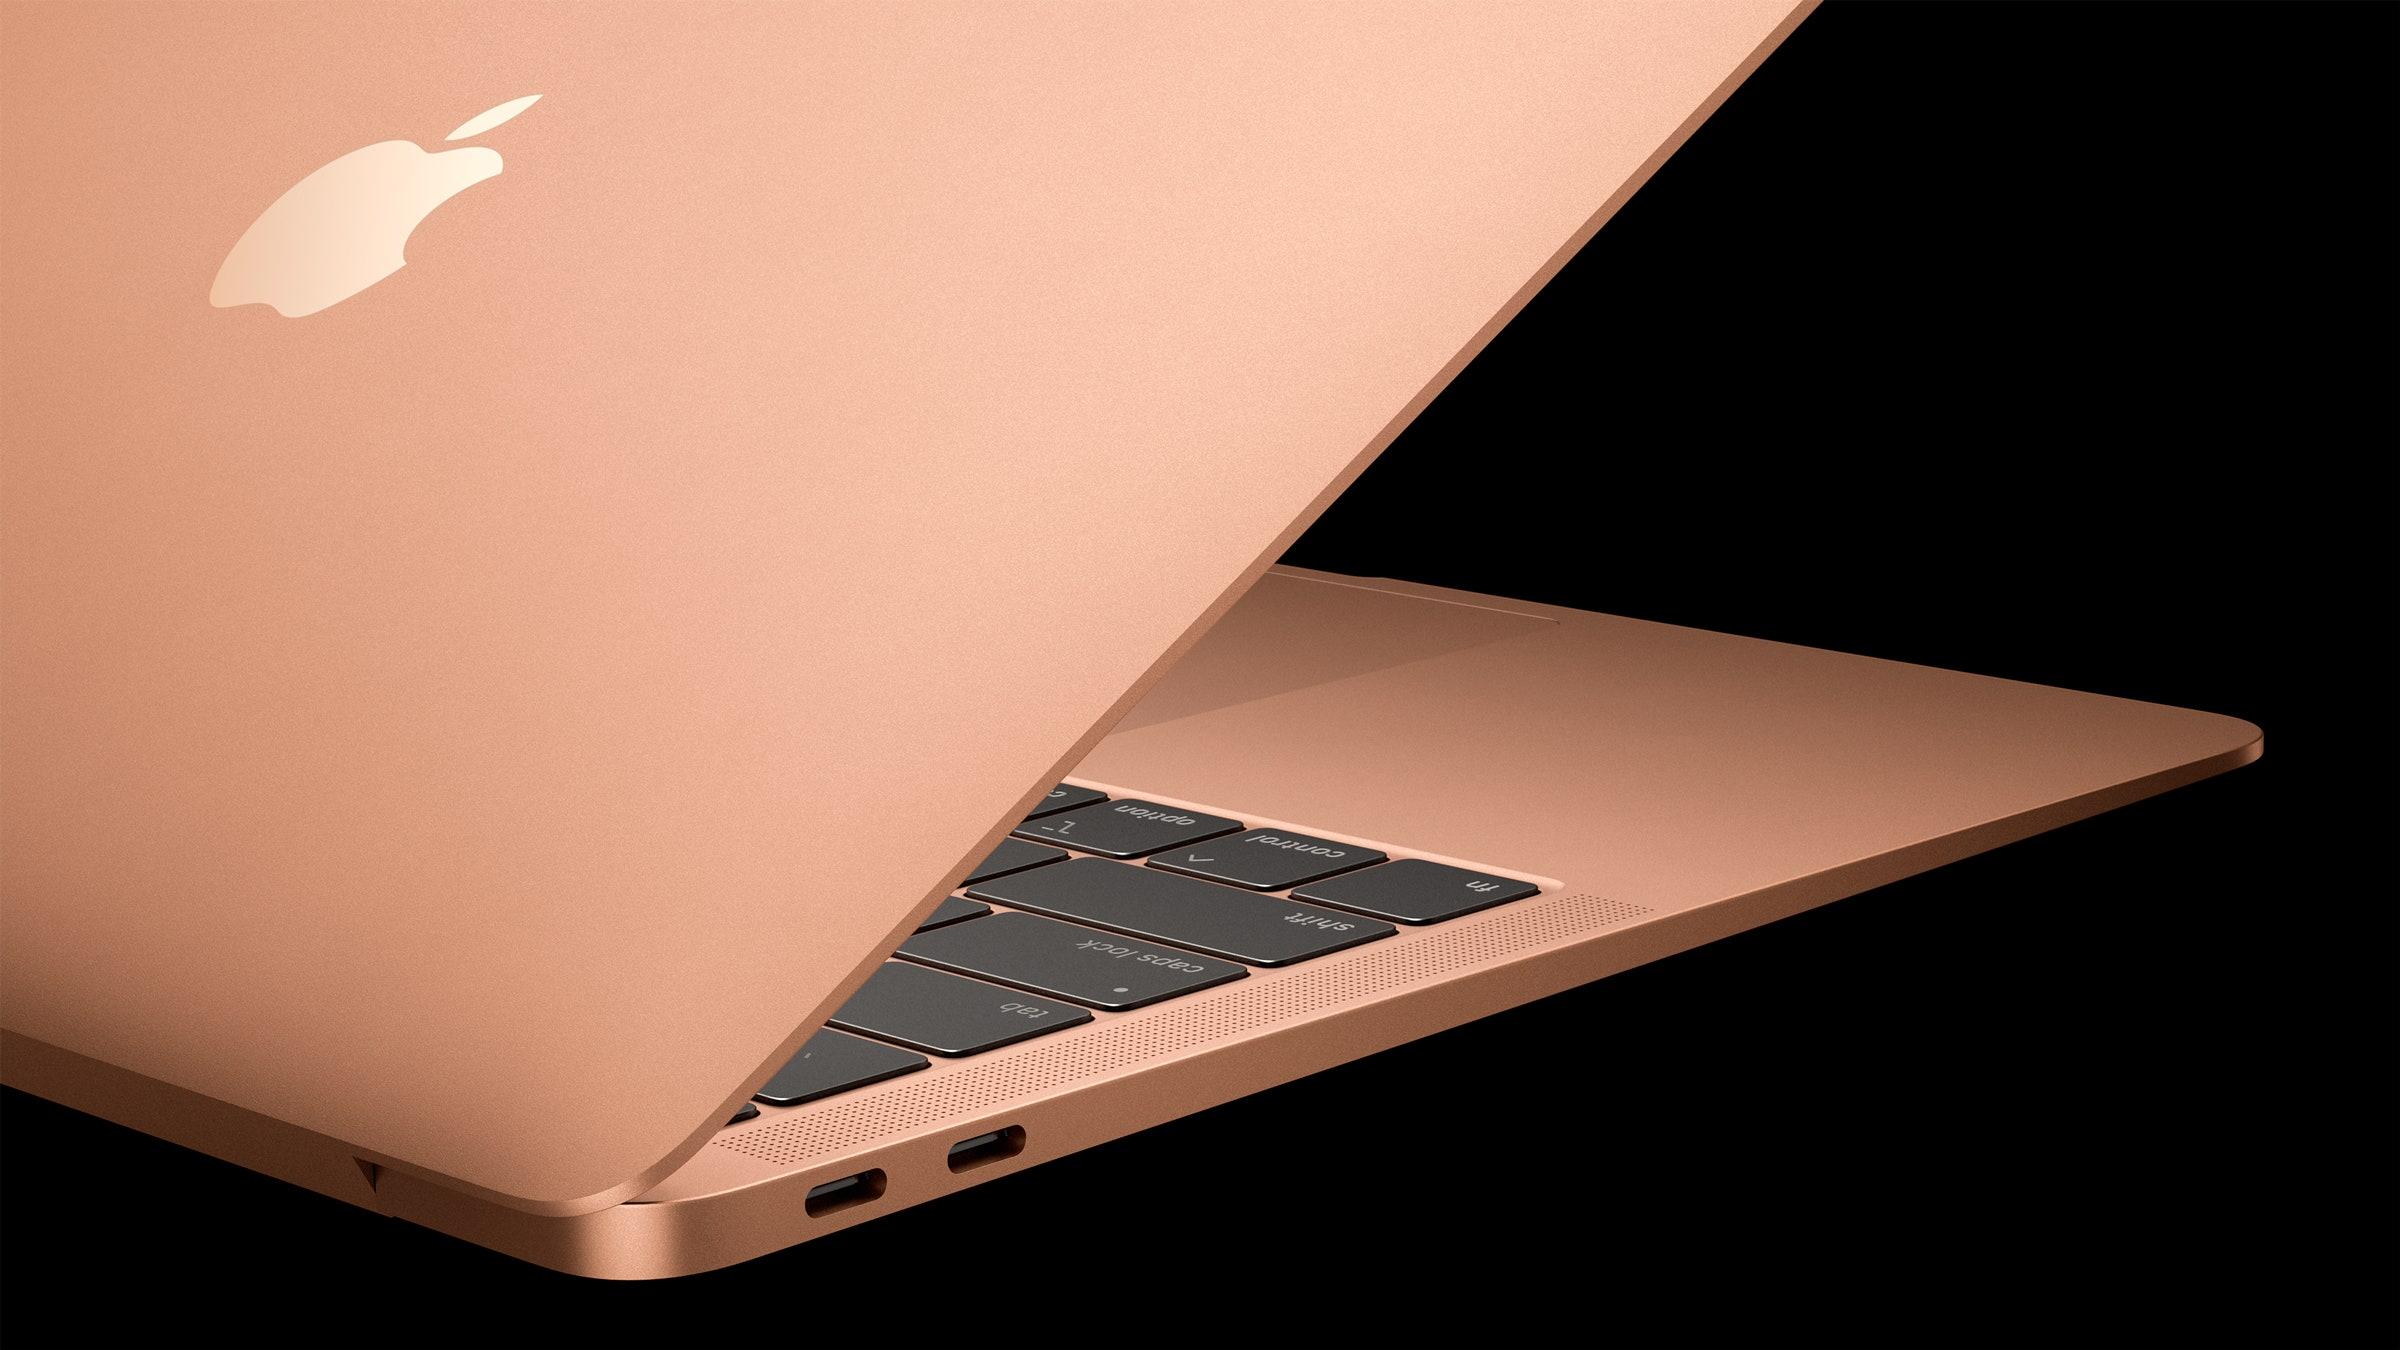 ARM Tabanlı 12 inç MacBook Air Özellikleri ve Fiyatı